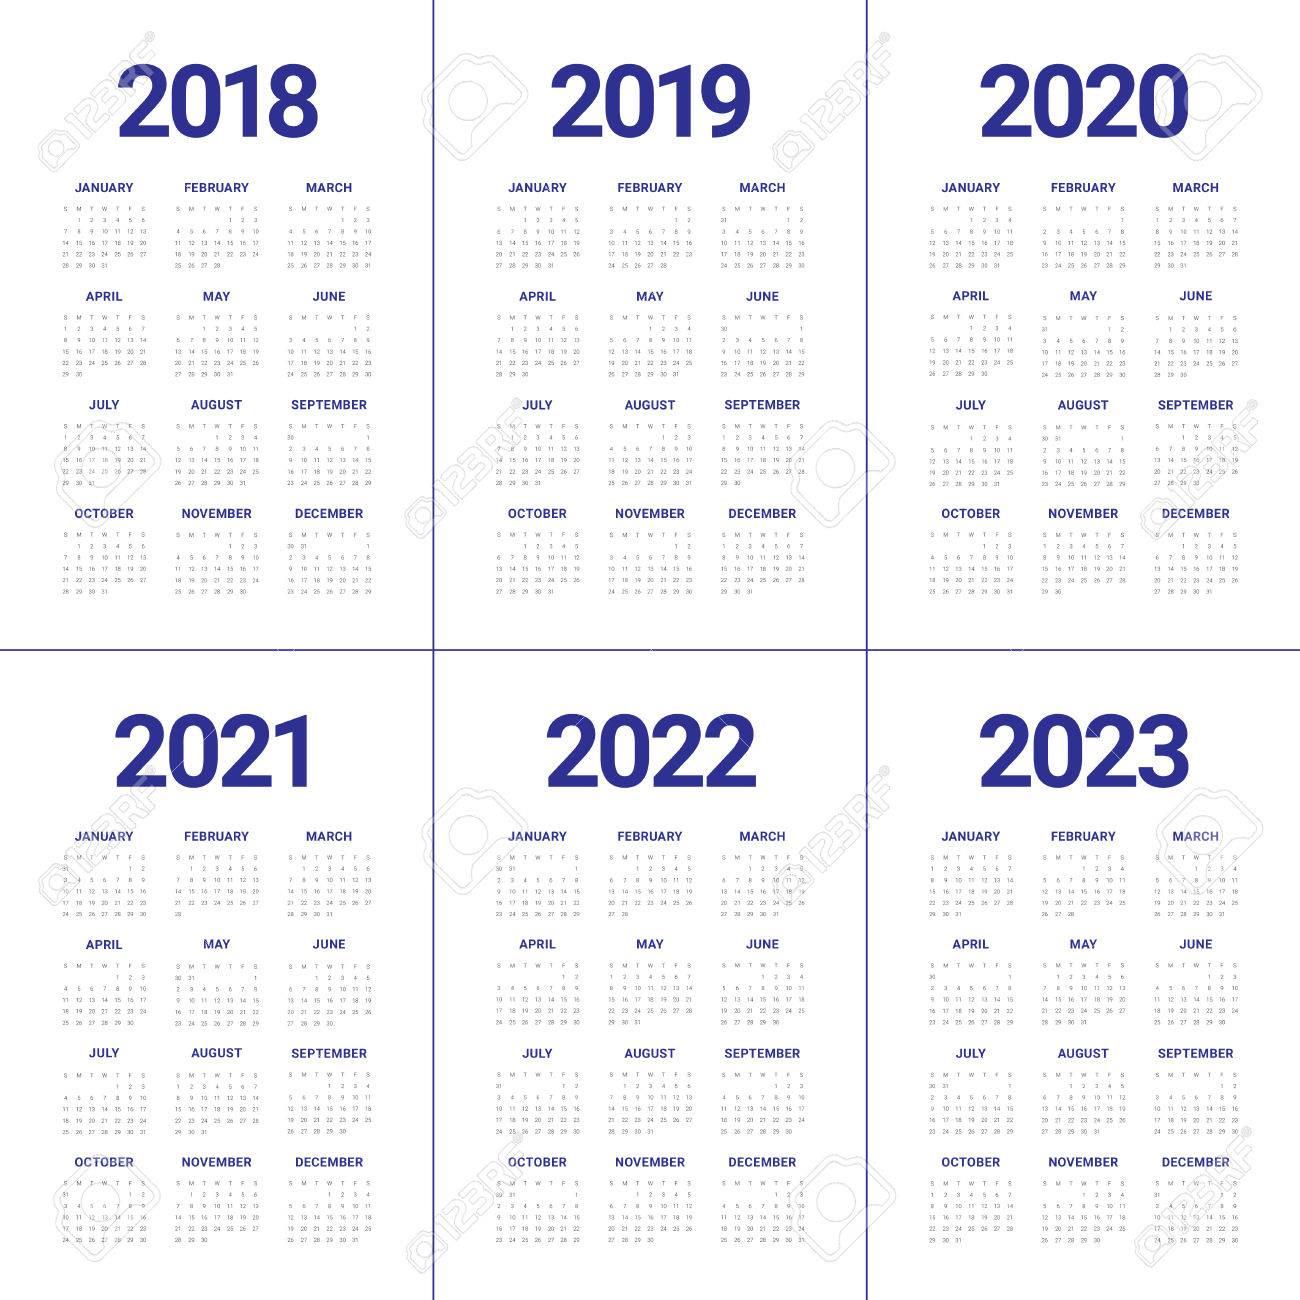 Calendrier 2018 2022 Année 2018 2019 2020 2021 2022 2023 Calendrier Modèle De